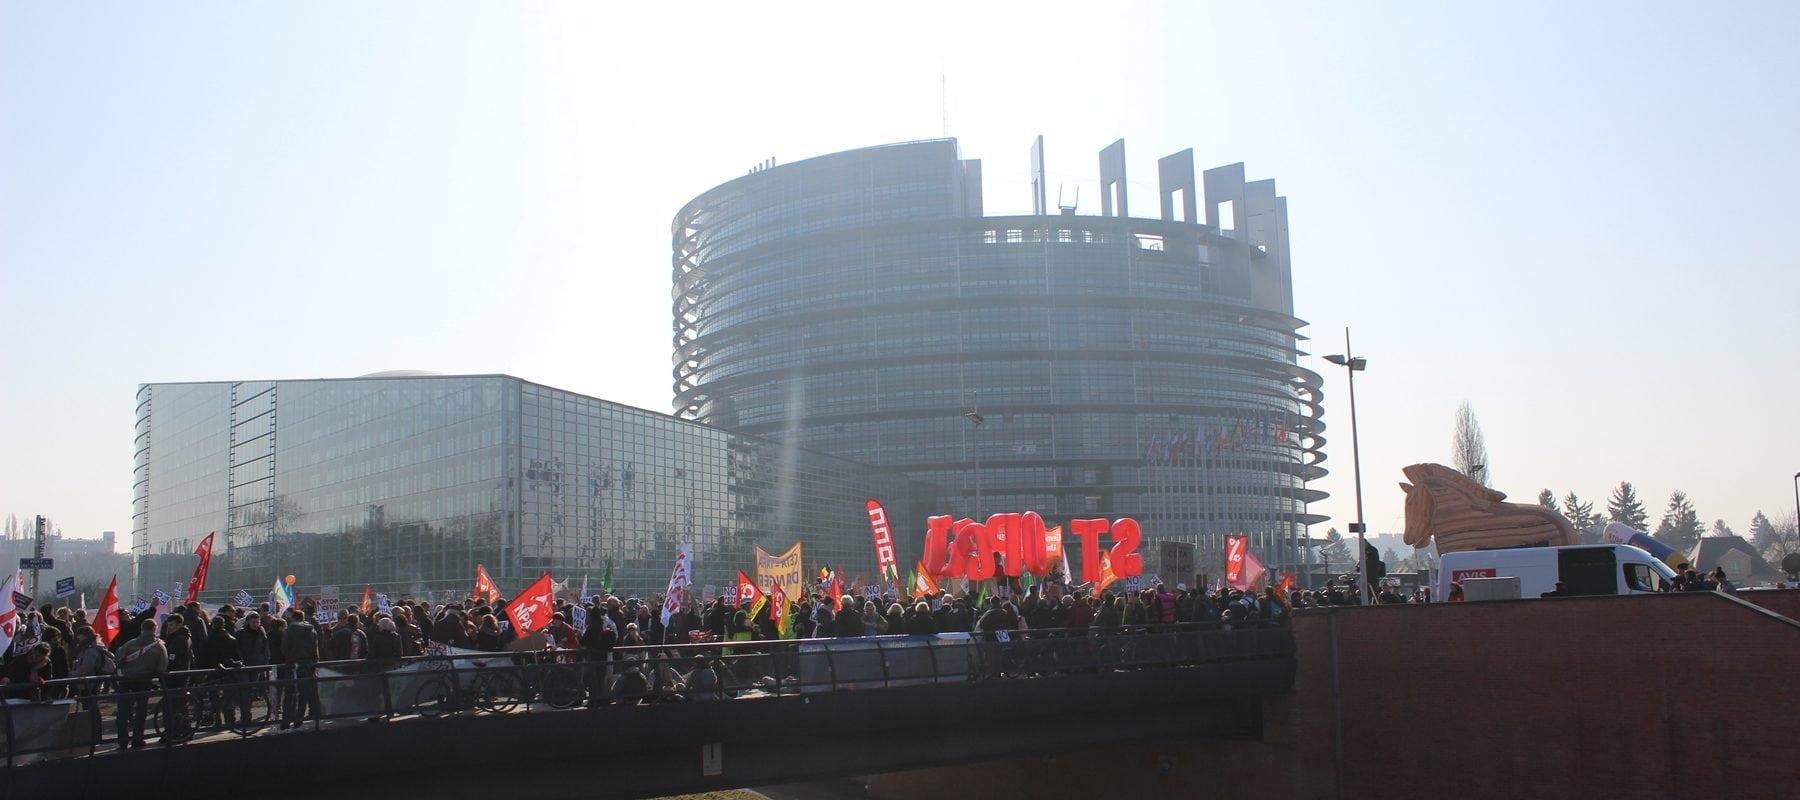 Devant le Parlement européen: l'espace pour manifester va disparaître